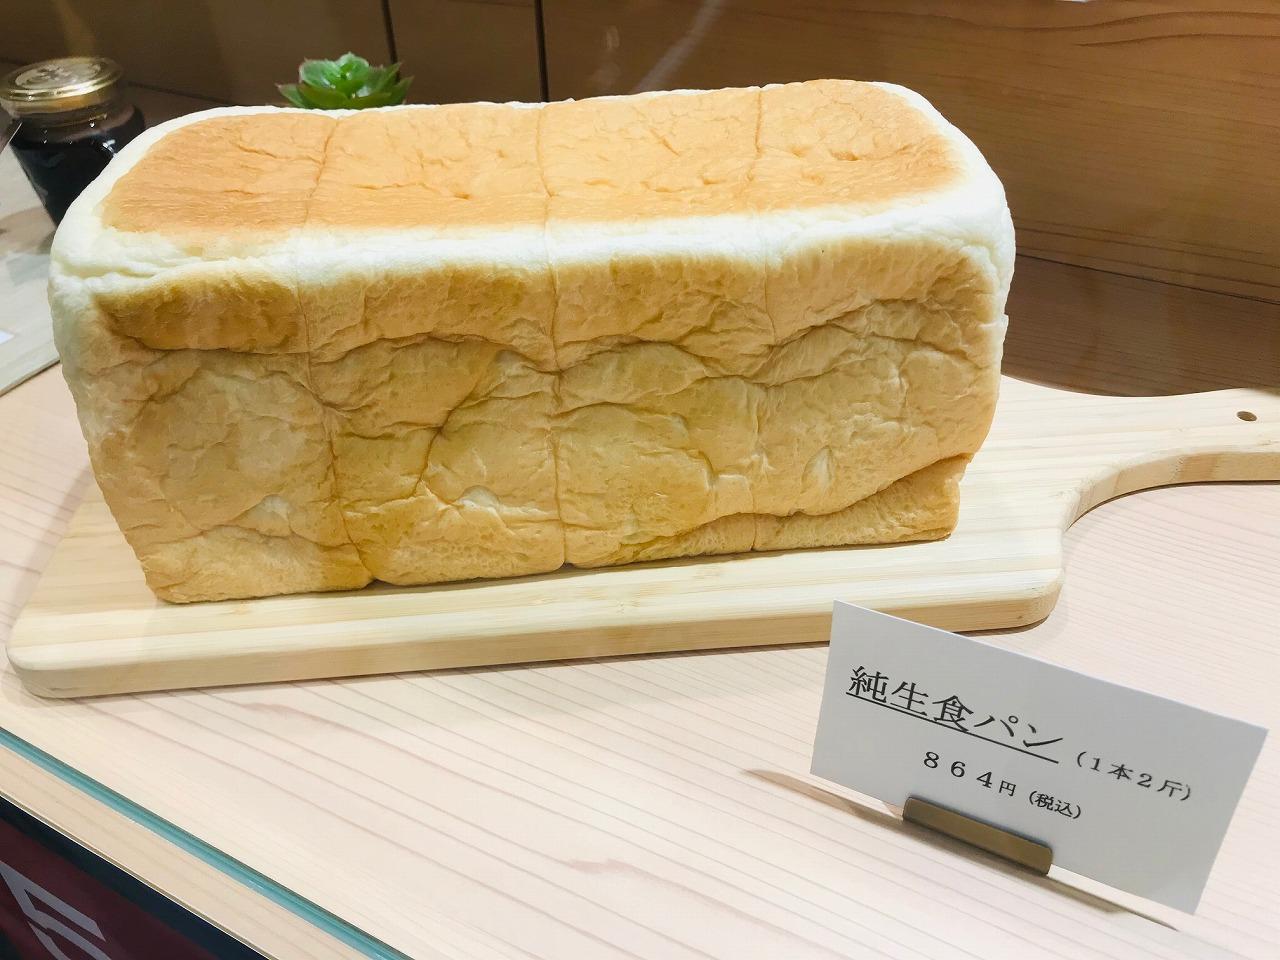 生食パン harepanおいしいパンの画像です。